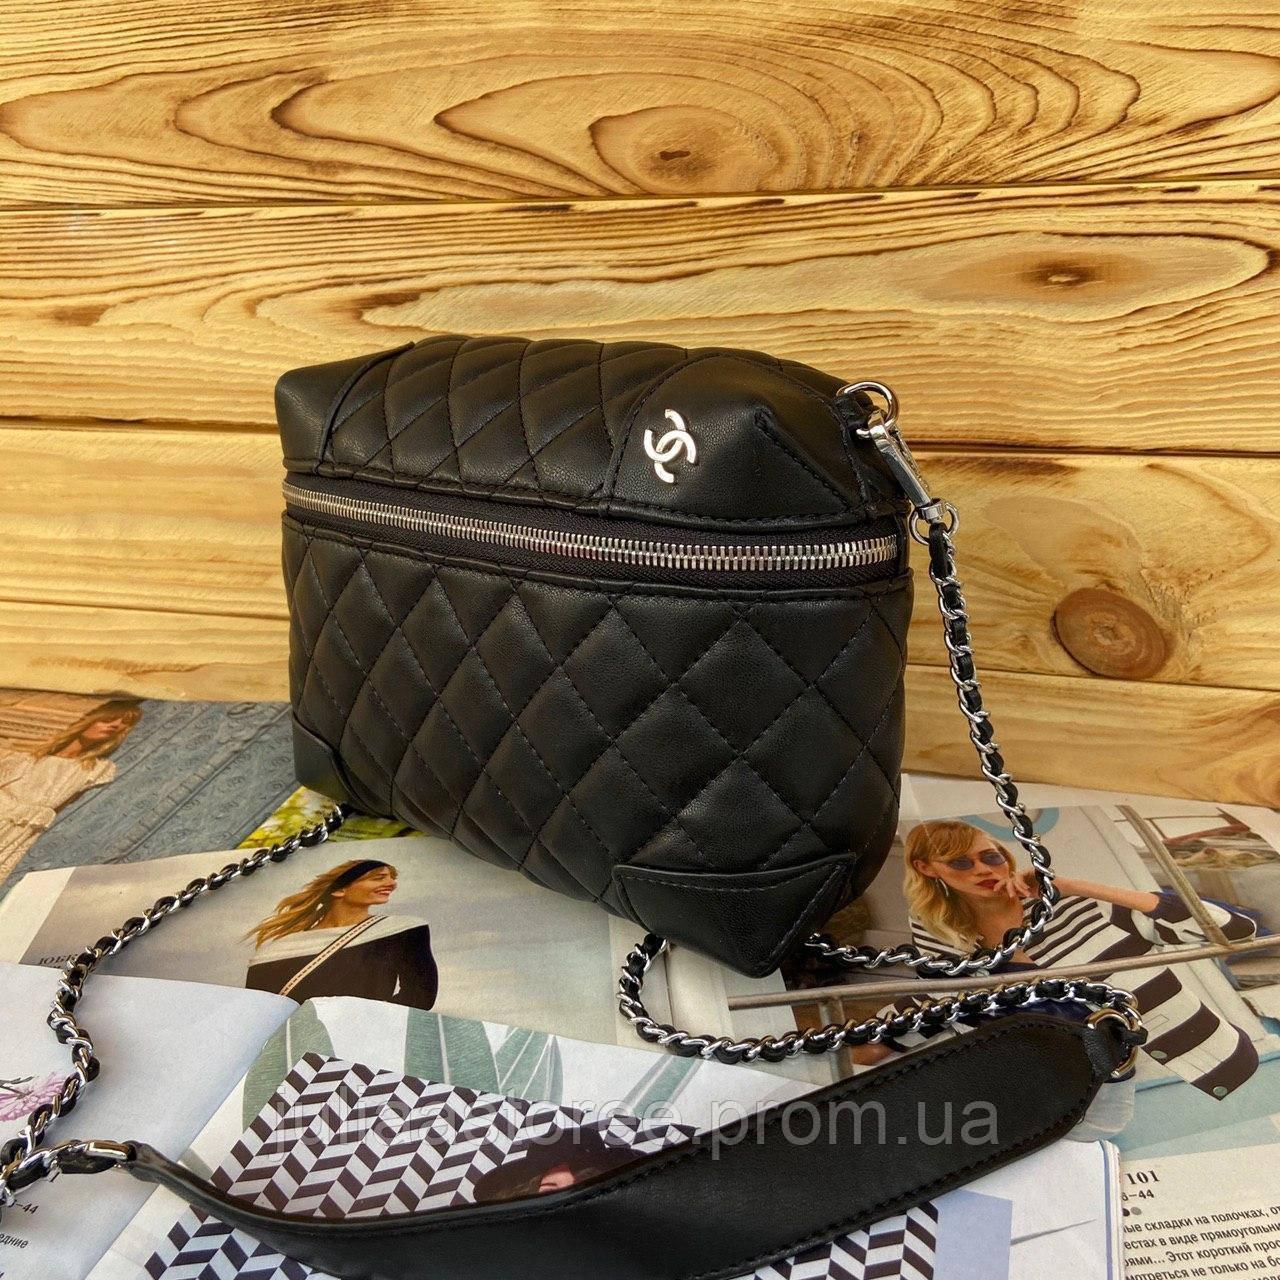 Женская сумка на цепочке через плечо Chanel Шанель реплика 4